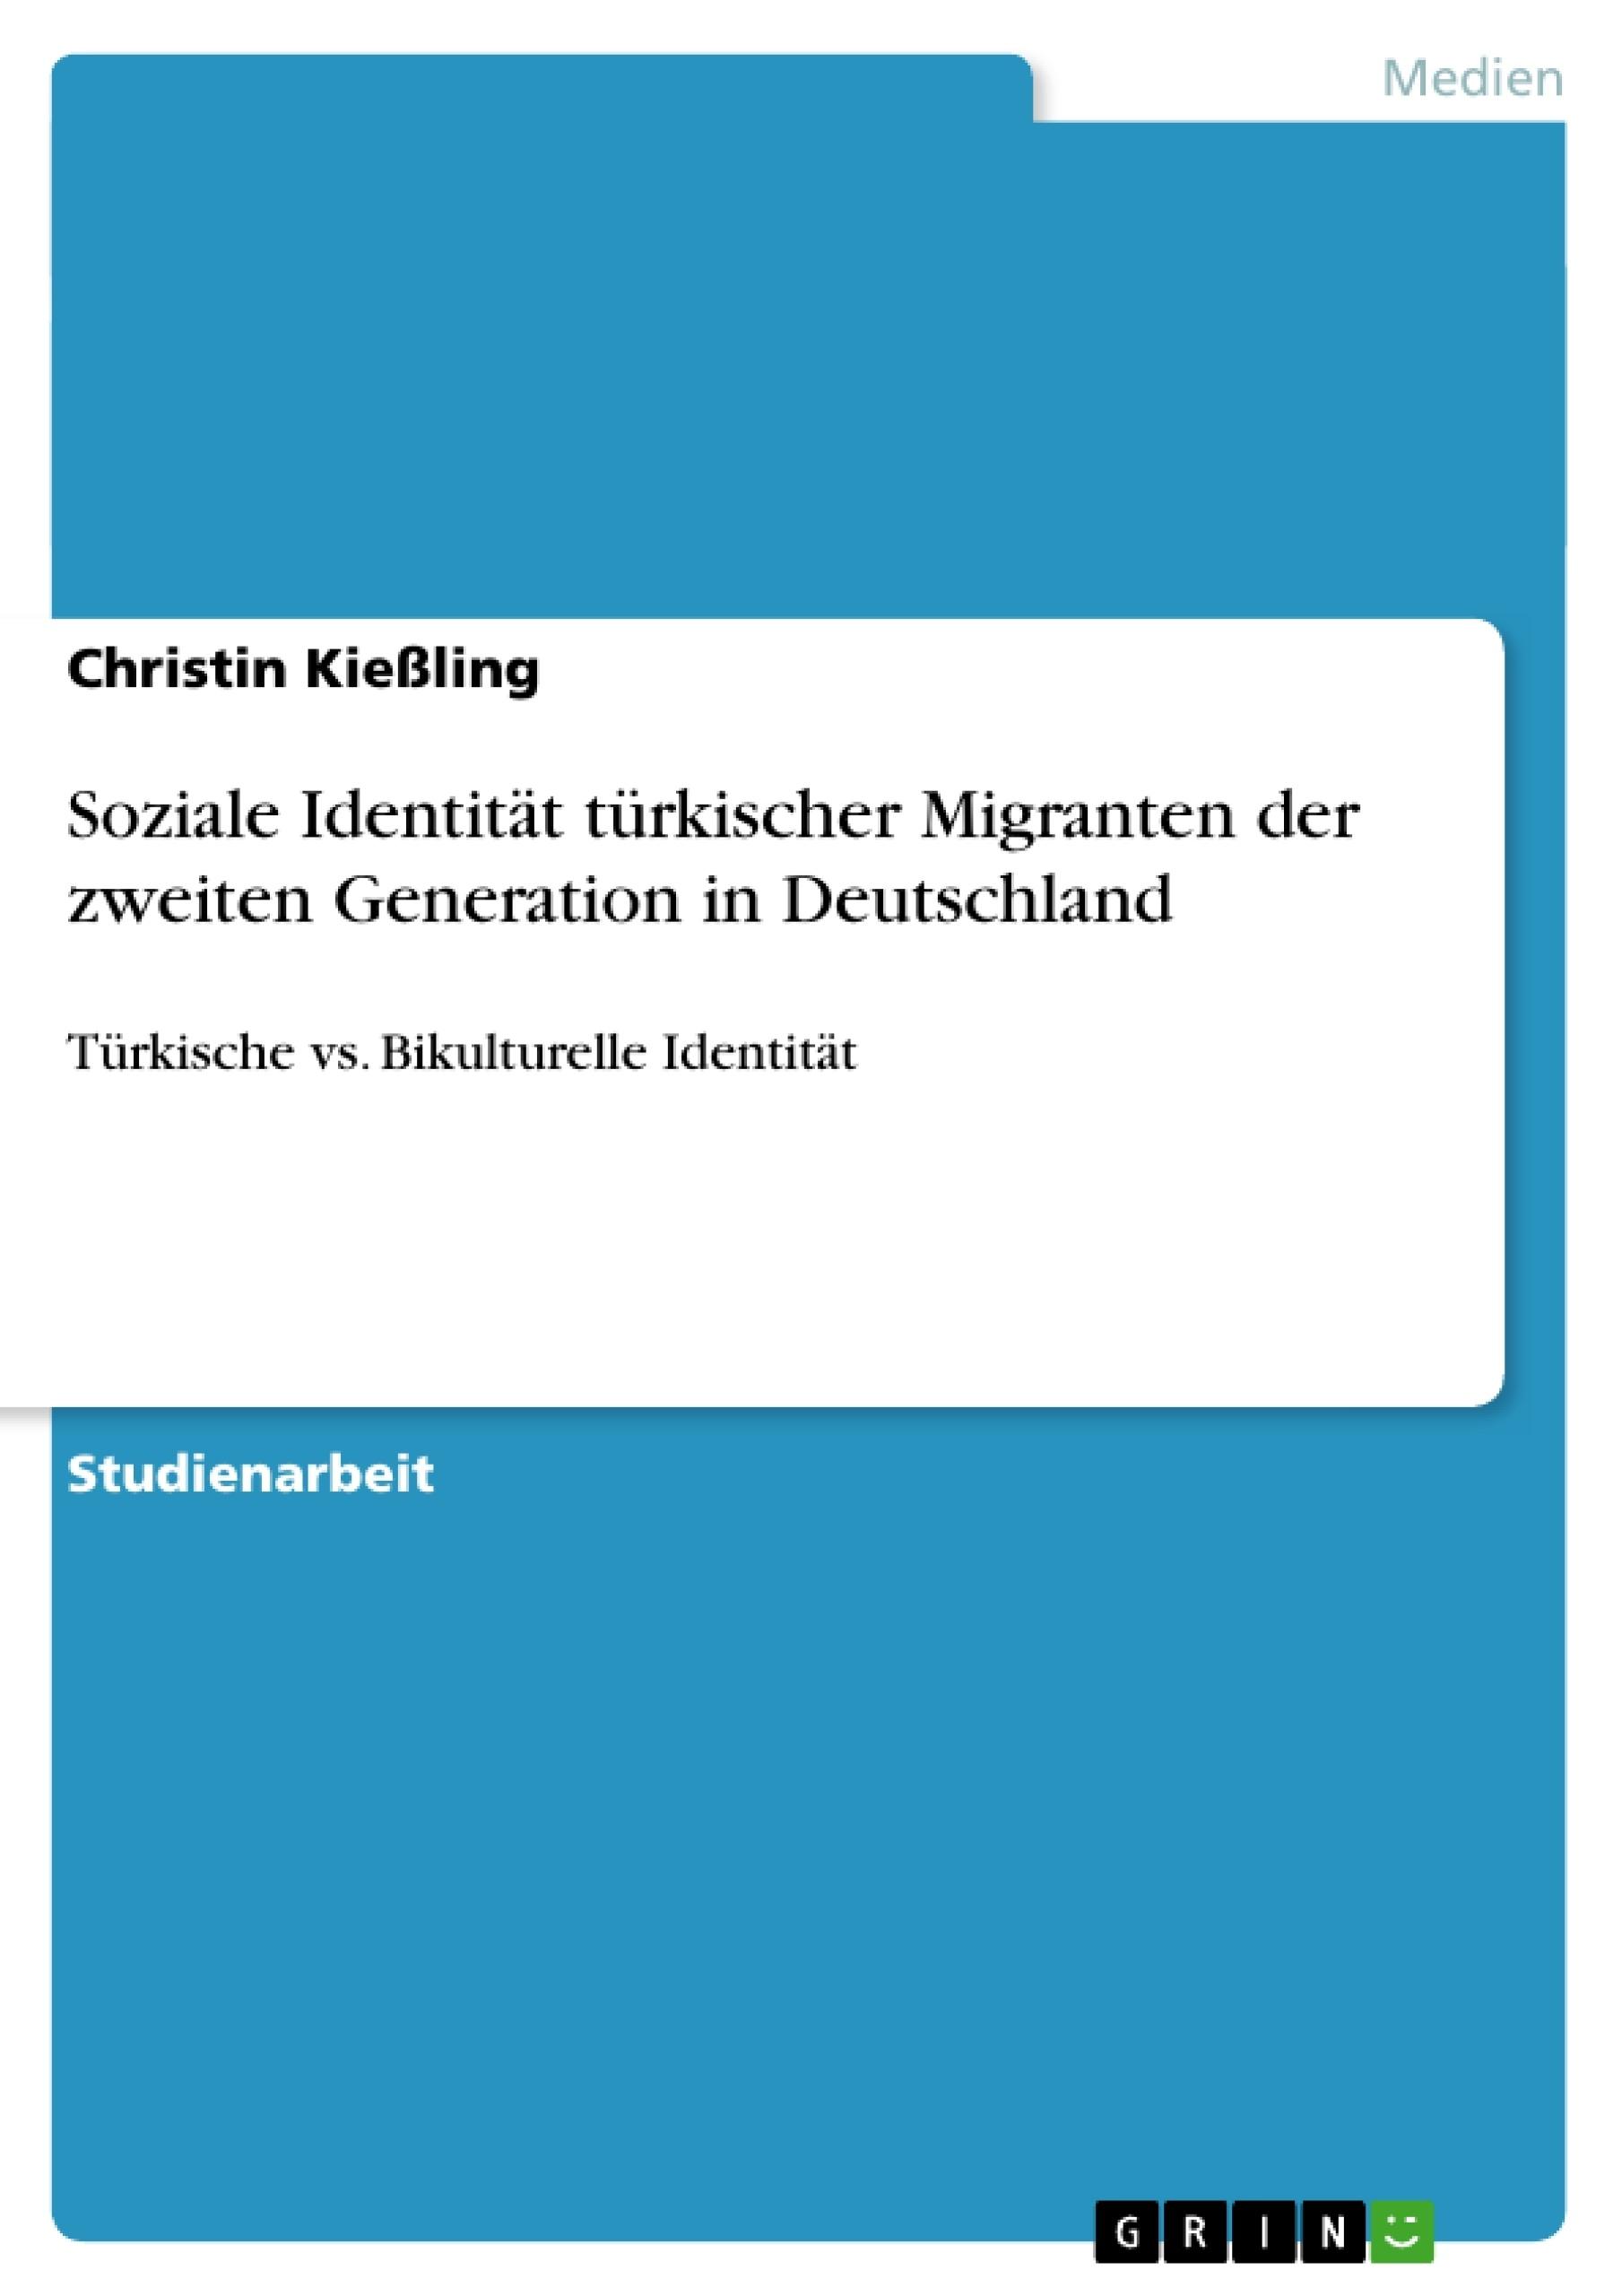 Titel: Soziale Identität türkischer Migranten der zweiten Generation in Deutschland